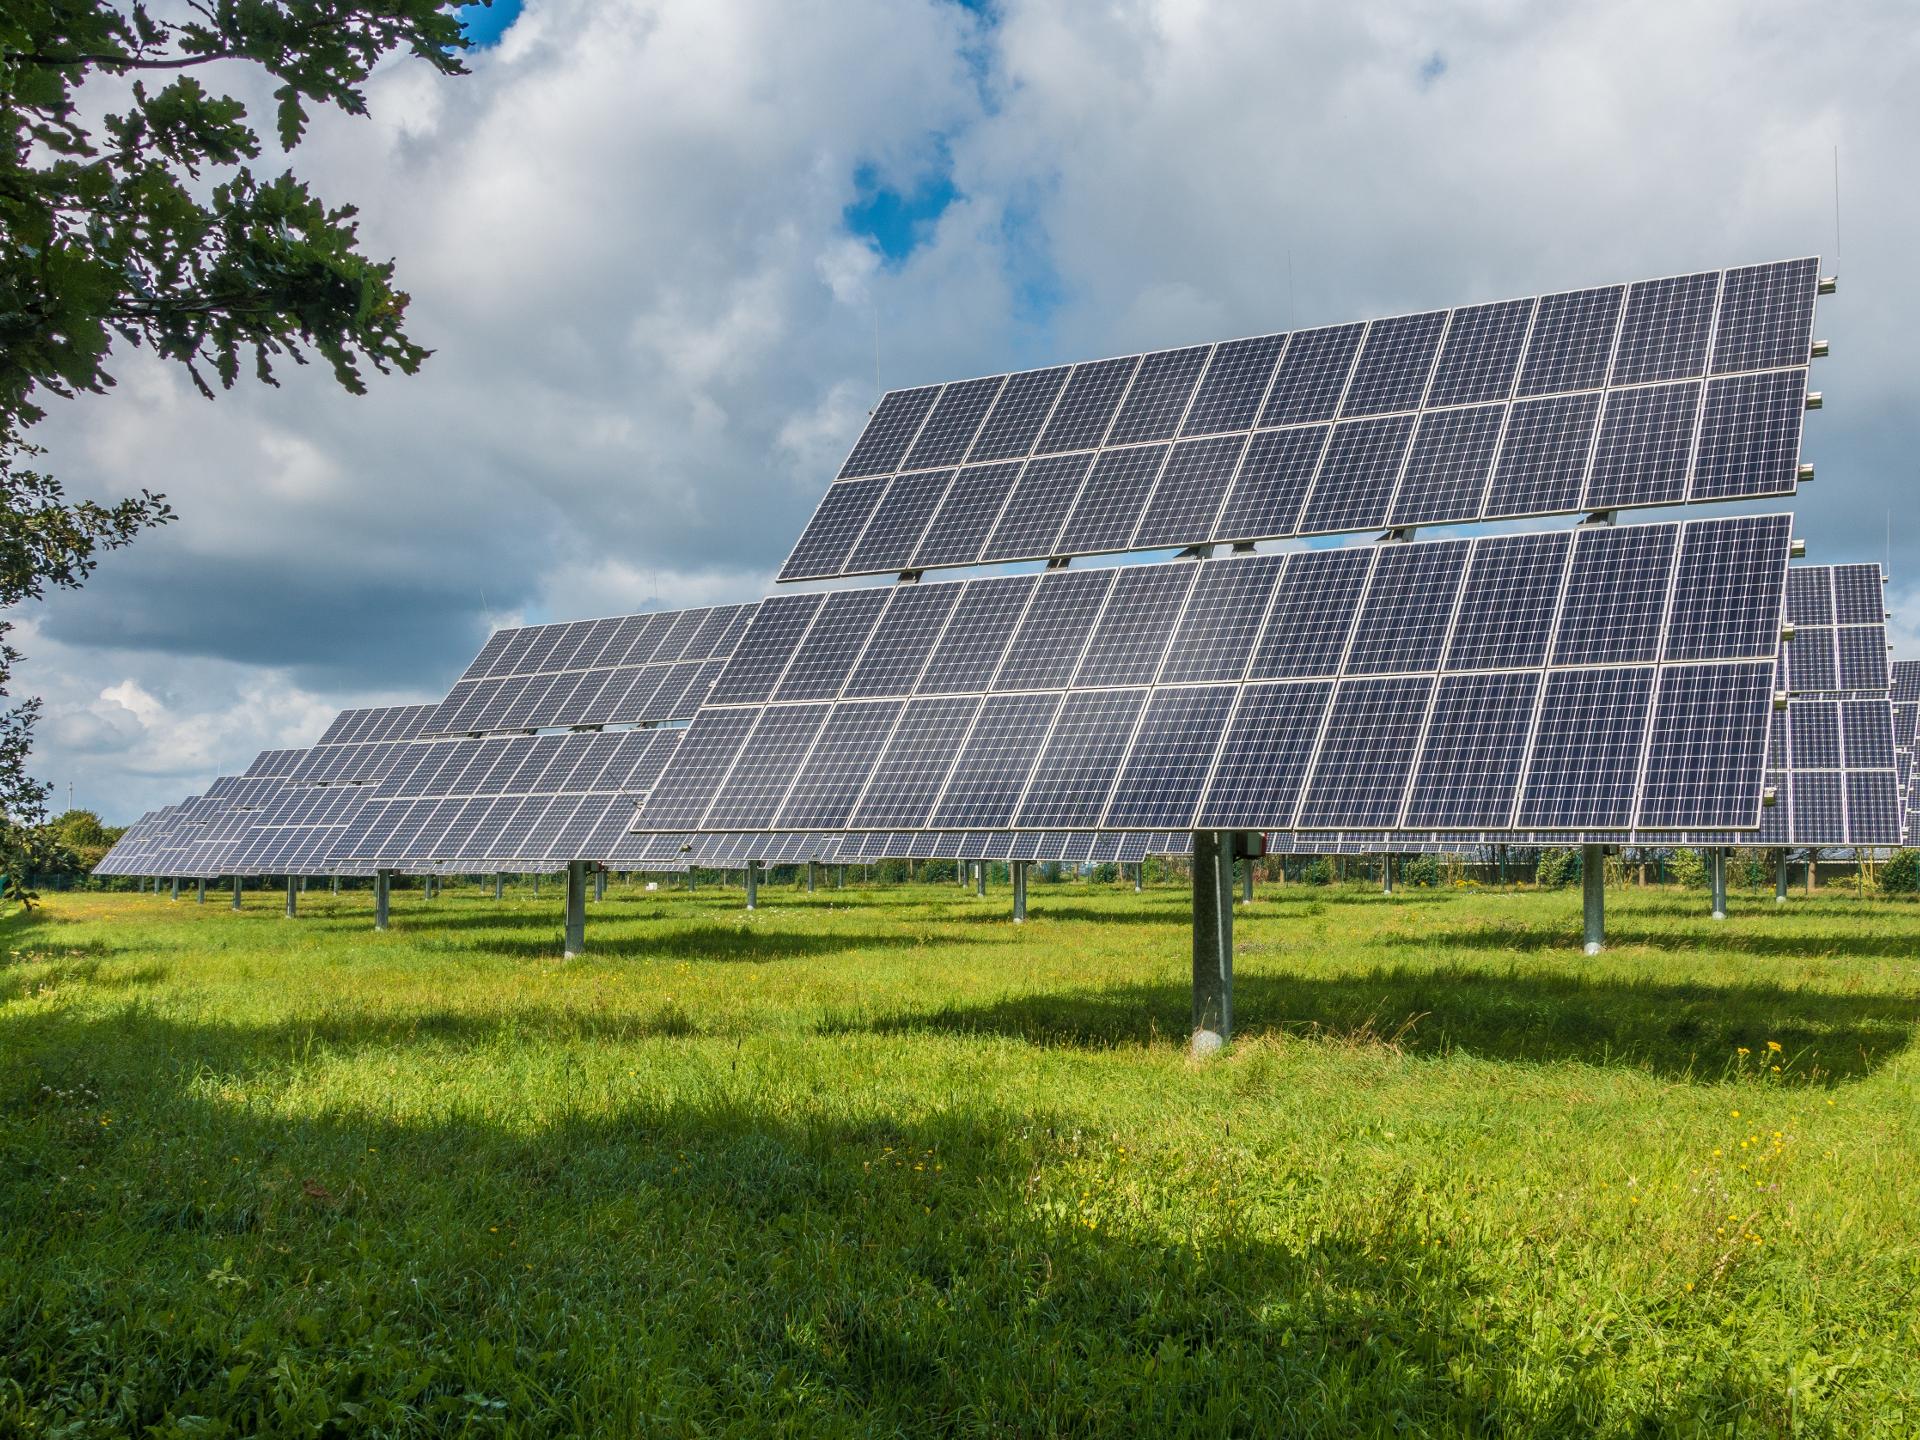 Solarfarmen sind zwar unter den Top 10, aber nicht so weit vorne wie etwa Windfarmen. - Photocredit: pixabay.com/mrganso